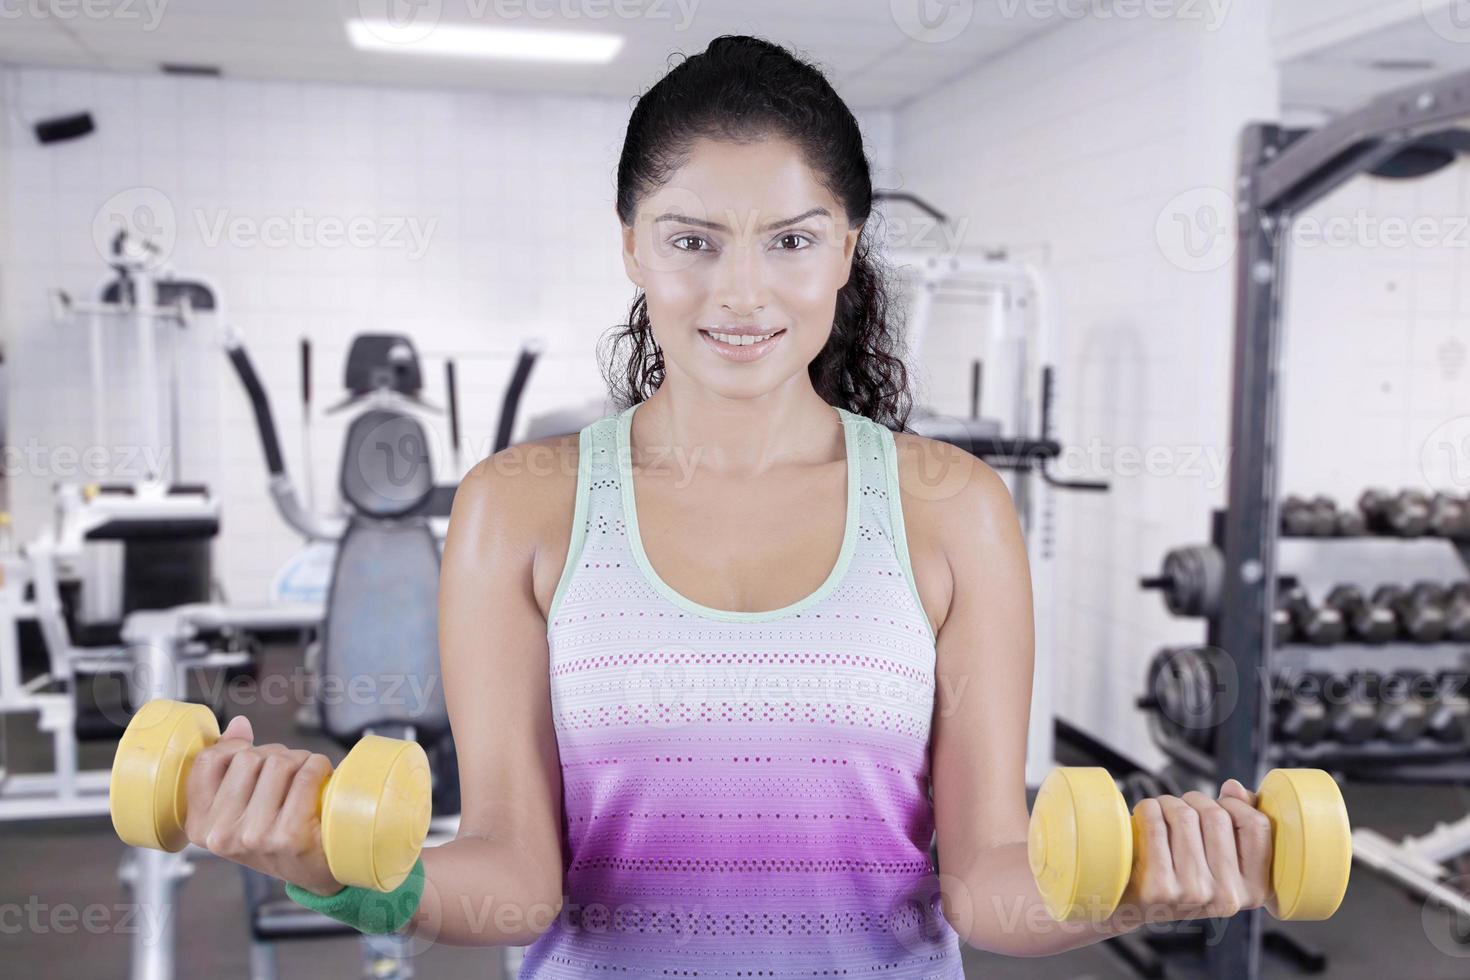 Frau, die zwei Hanteln am Fitnesscenter anhebt foto